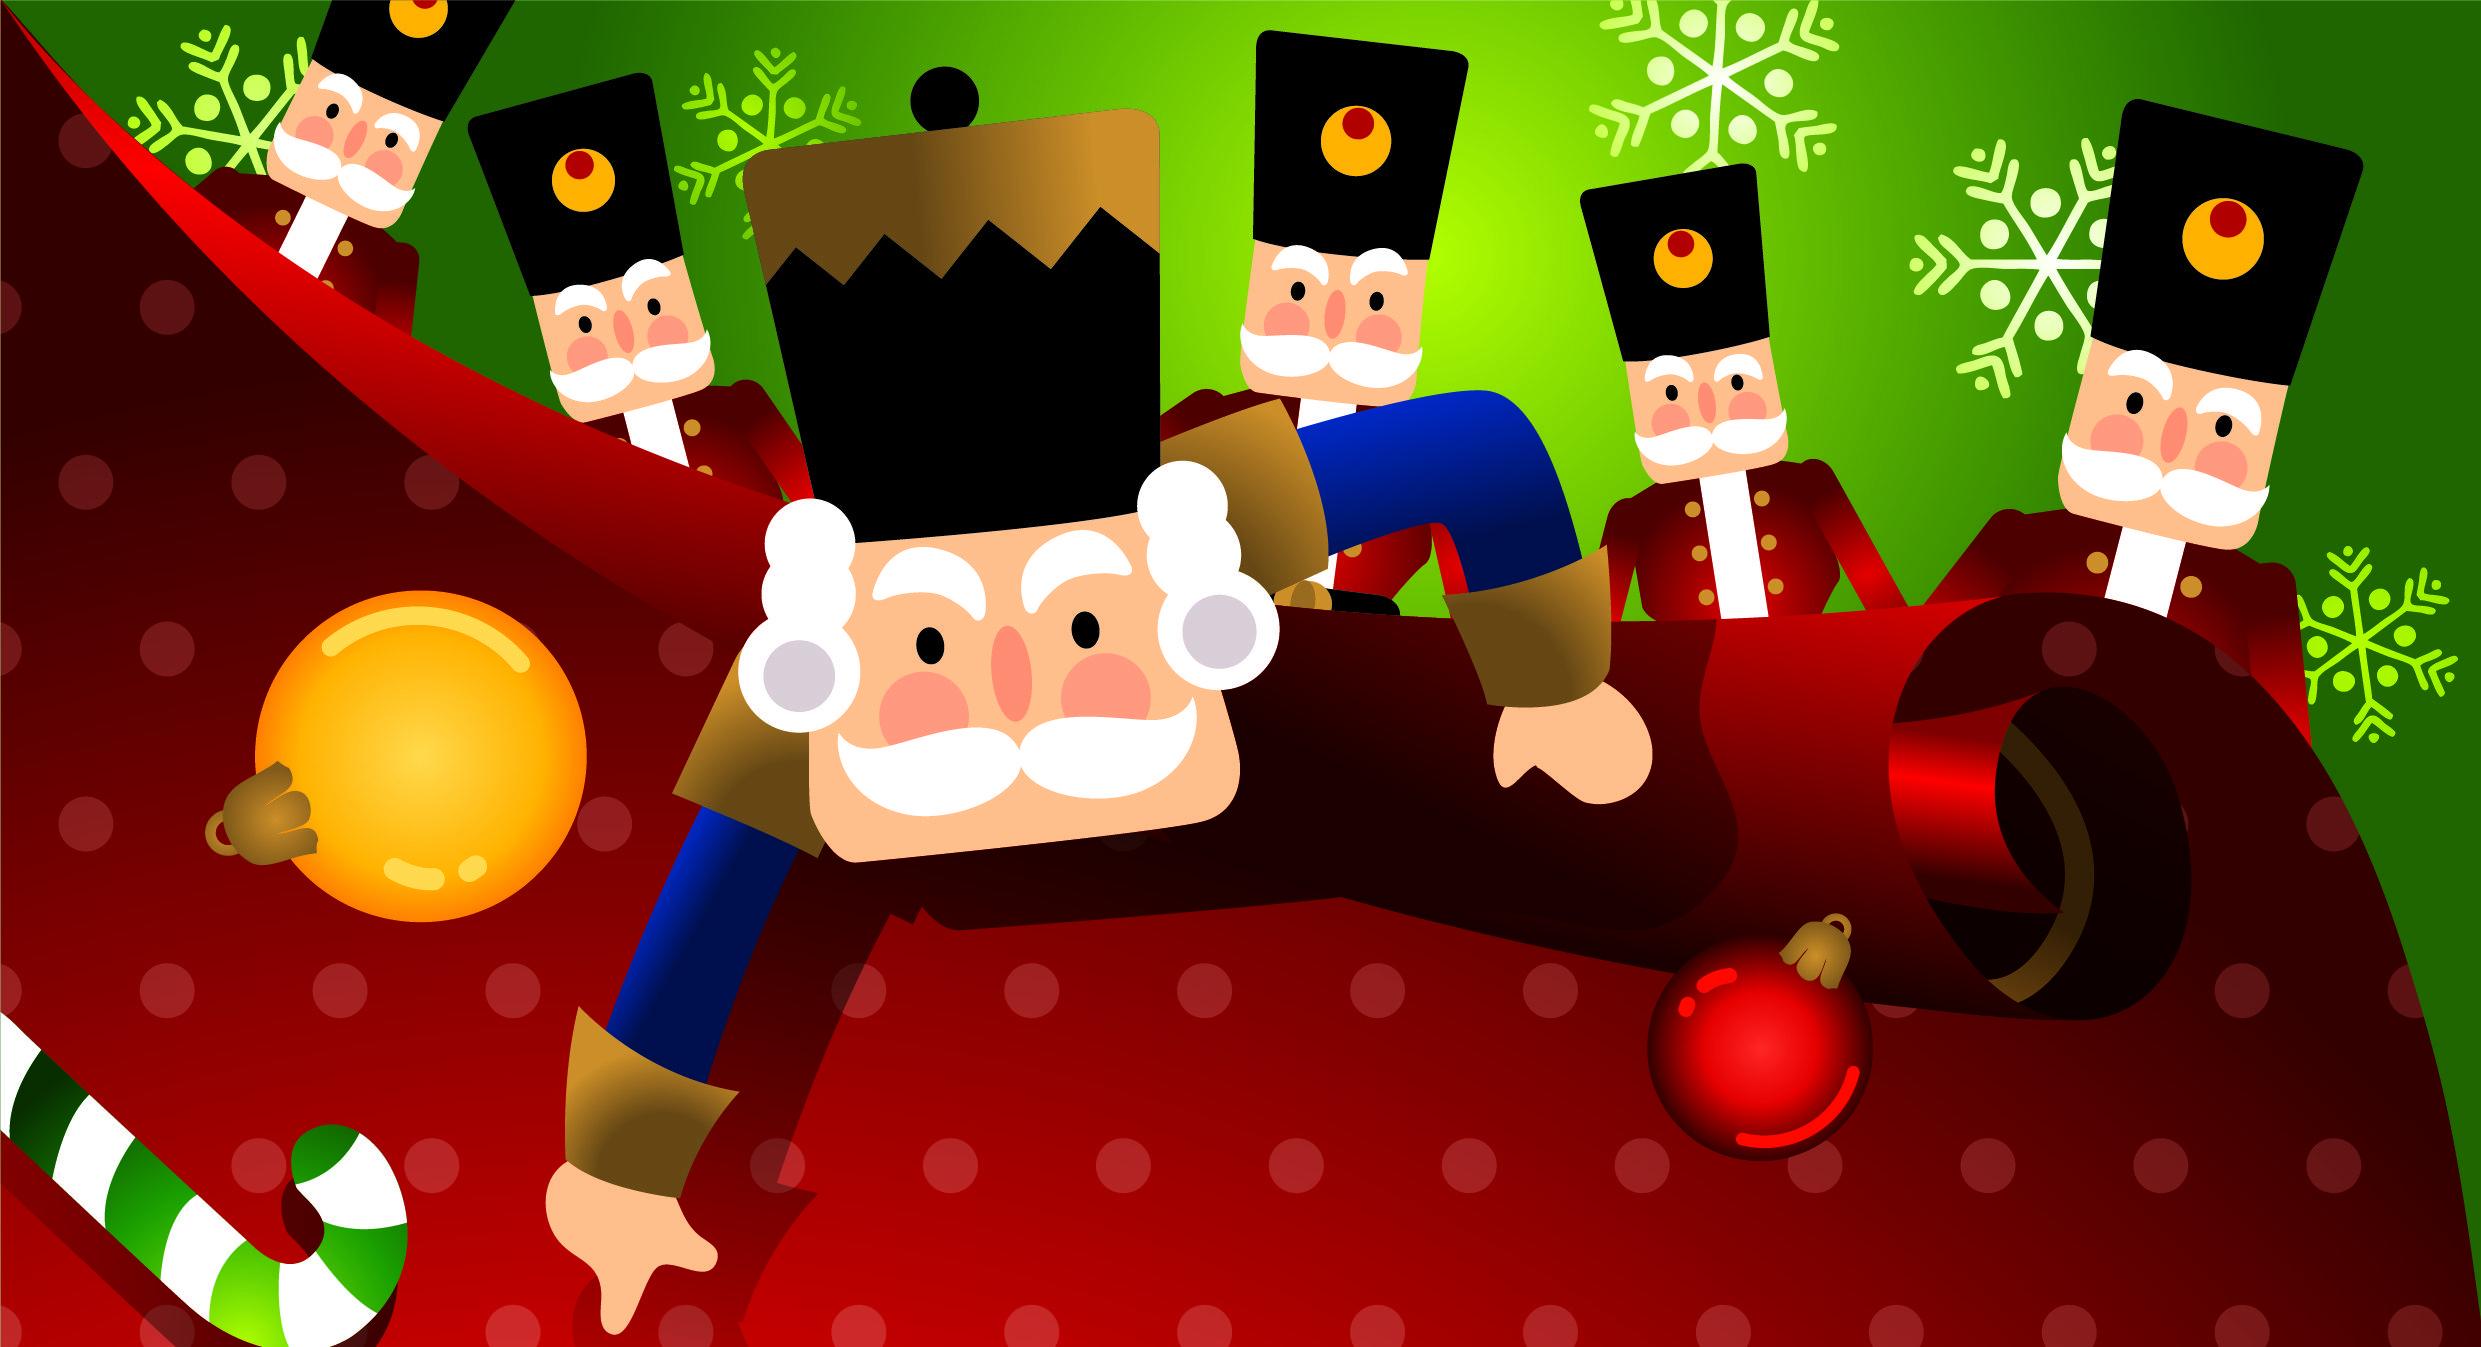 Christmas2010 1embed